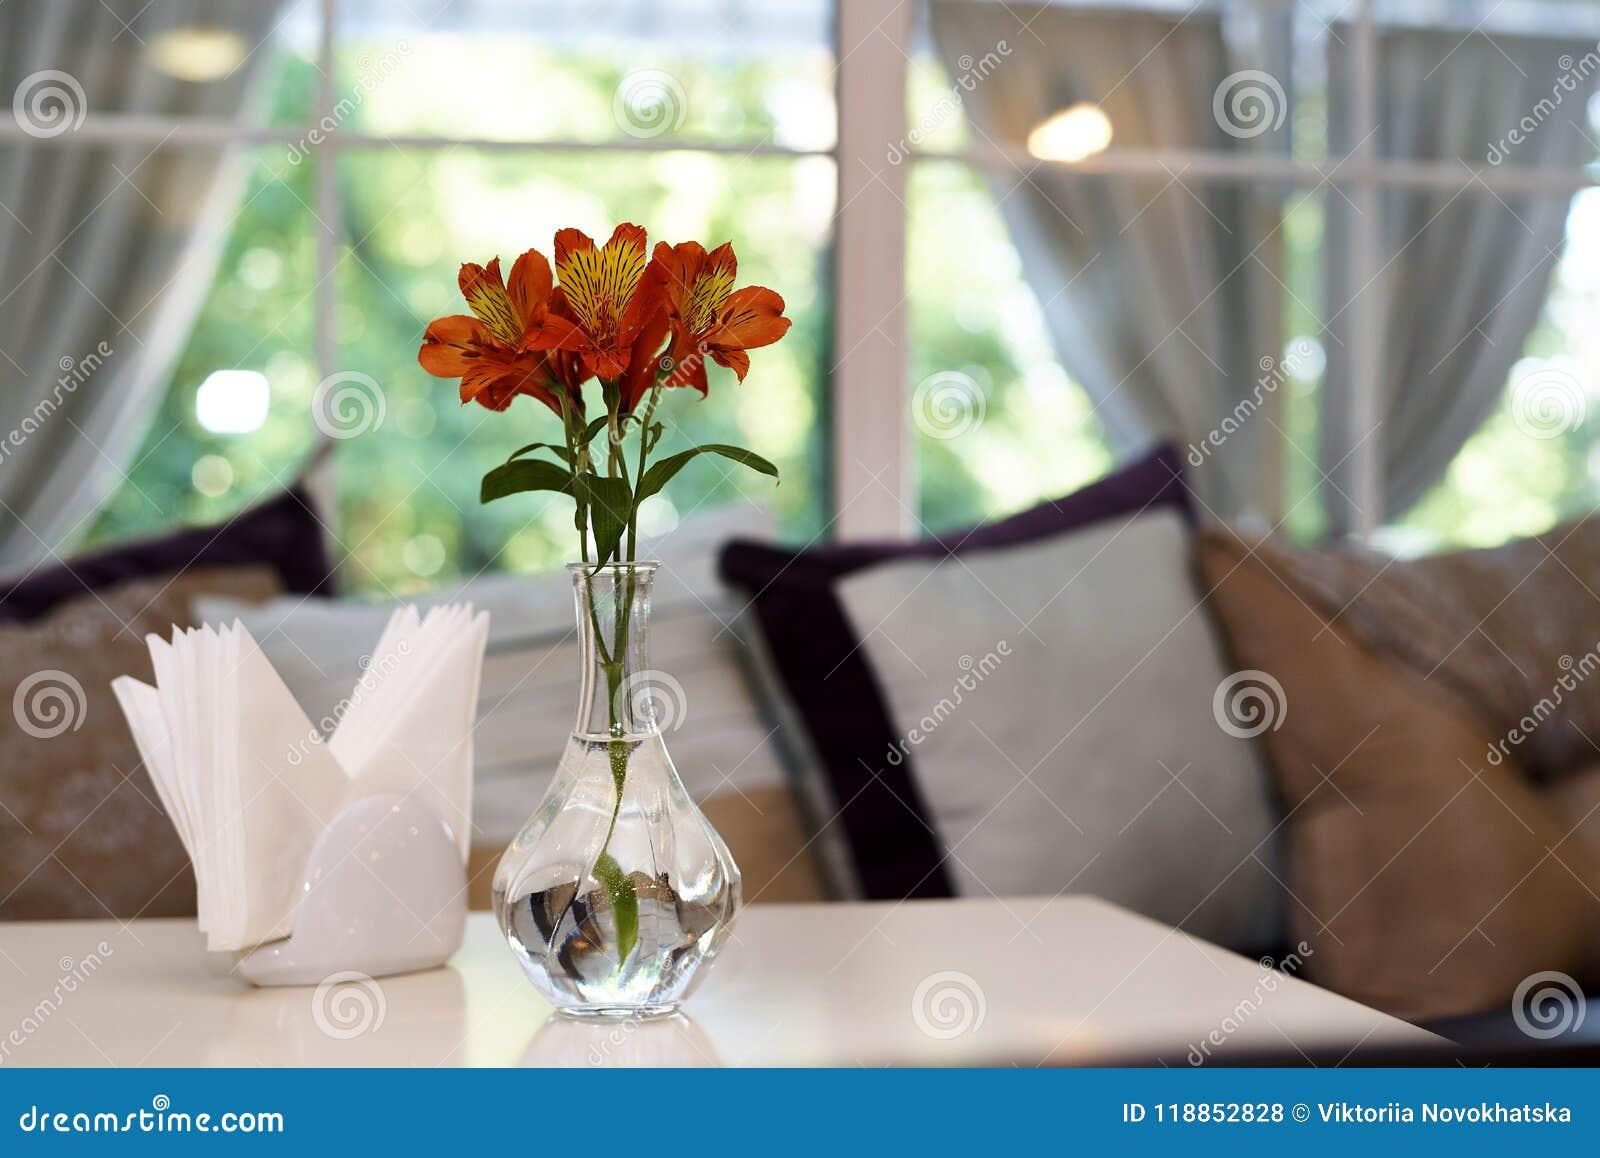 Свежие лилии в стеклянной вазе с водой на таблице